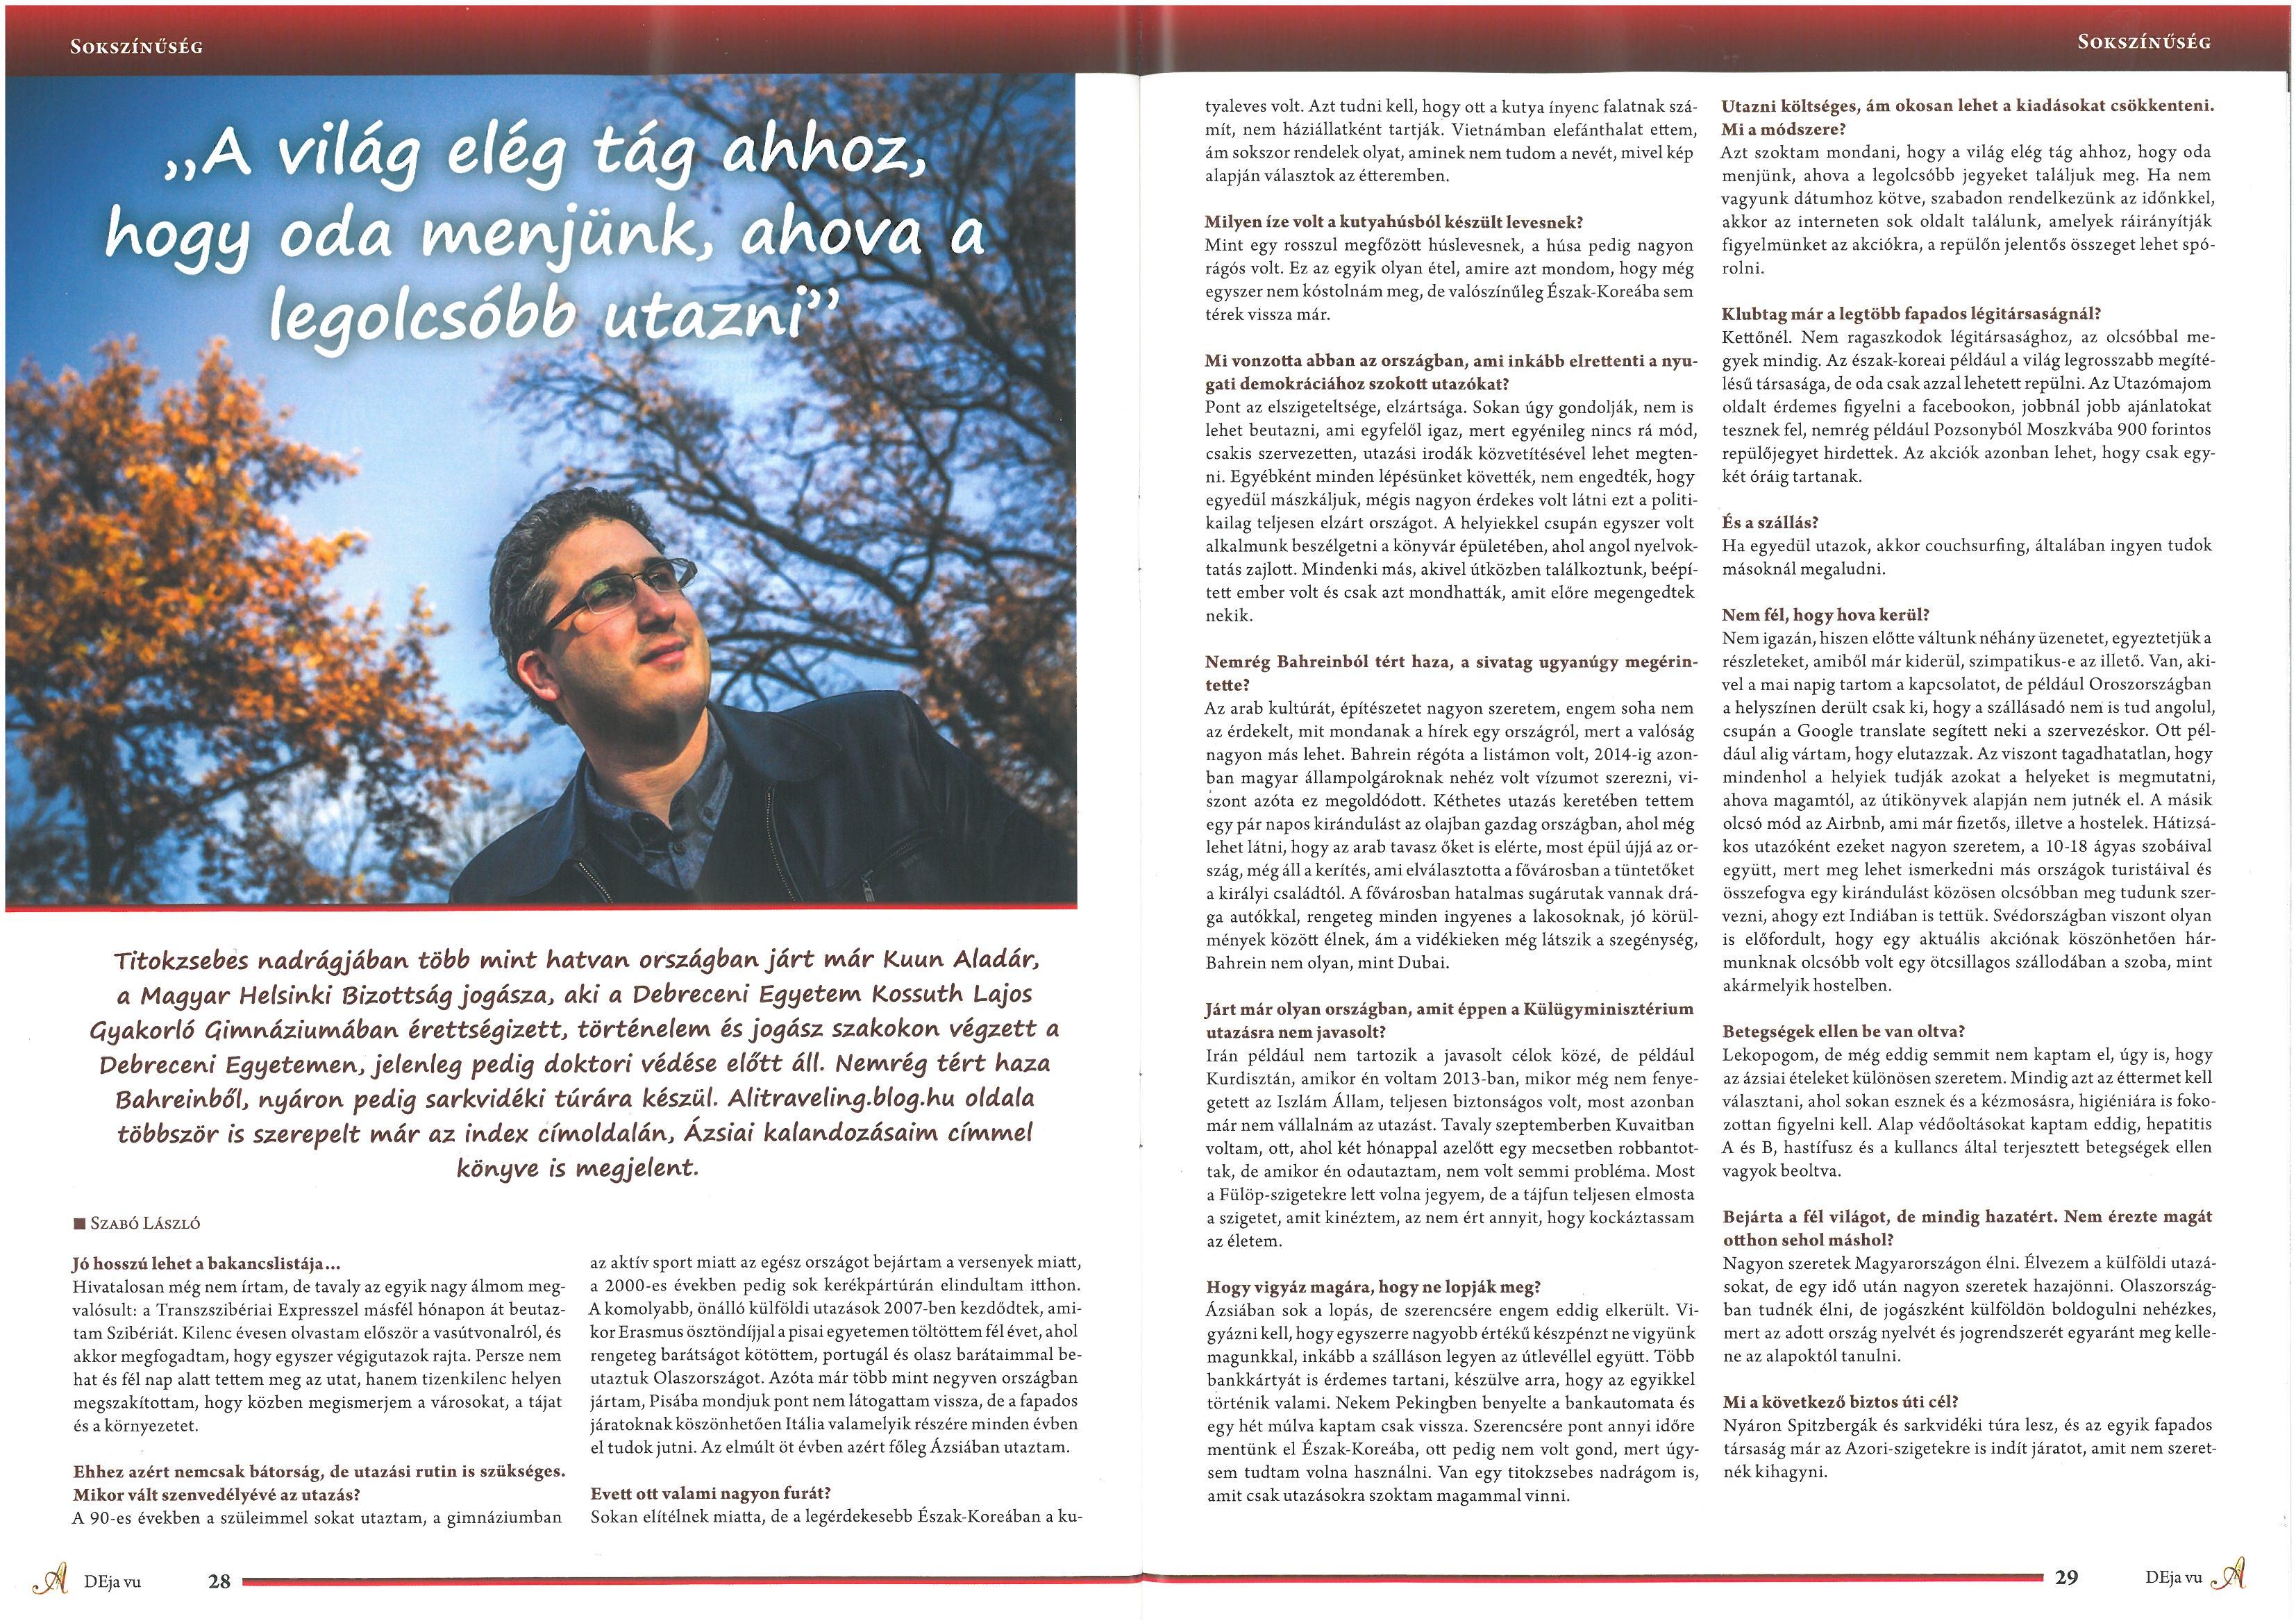 Interjú a DEja vu magazinban